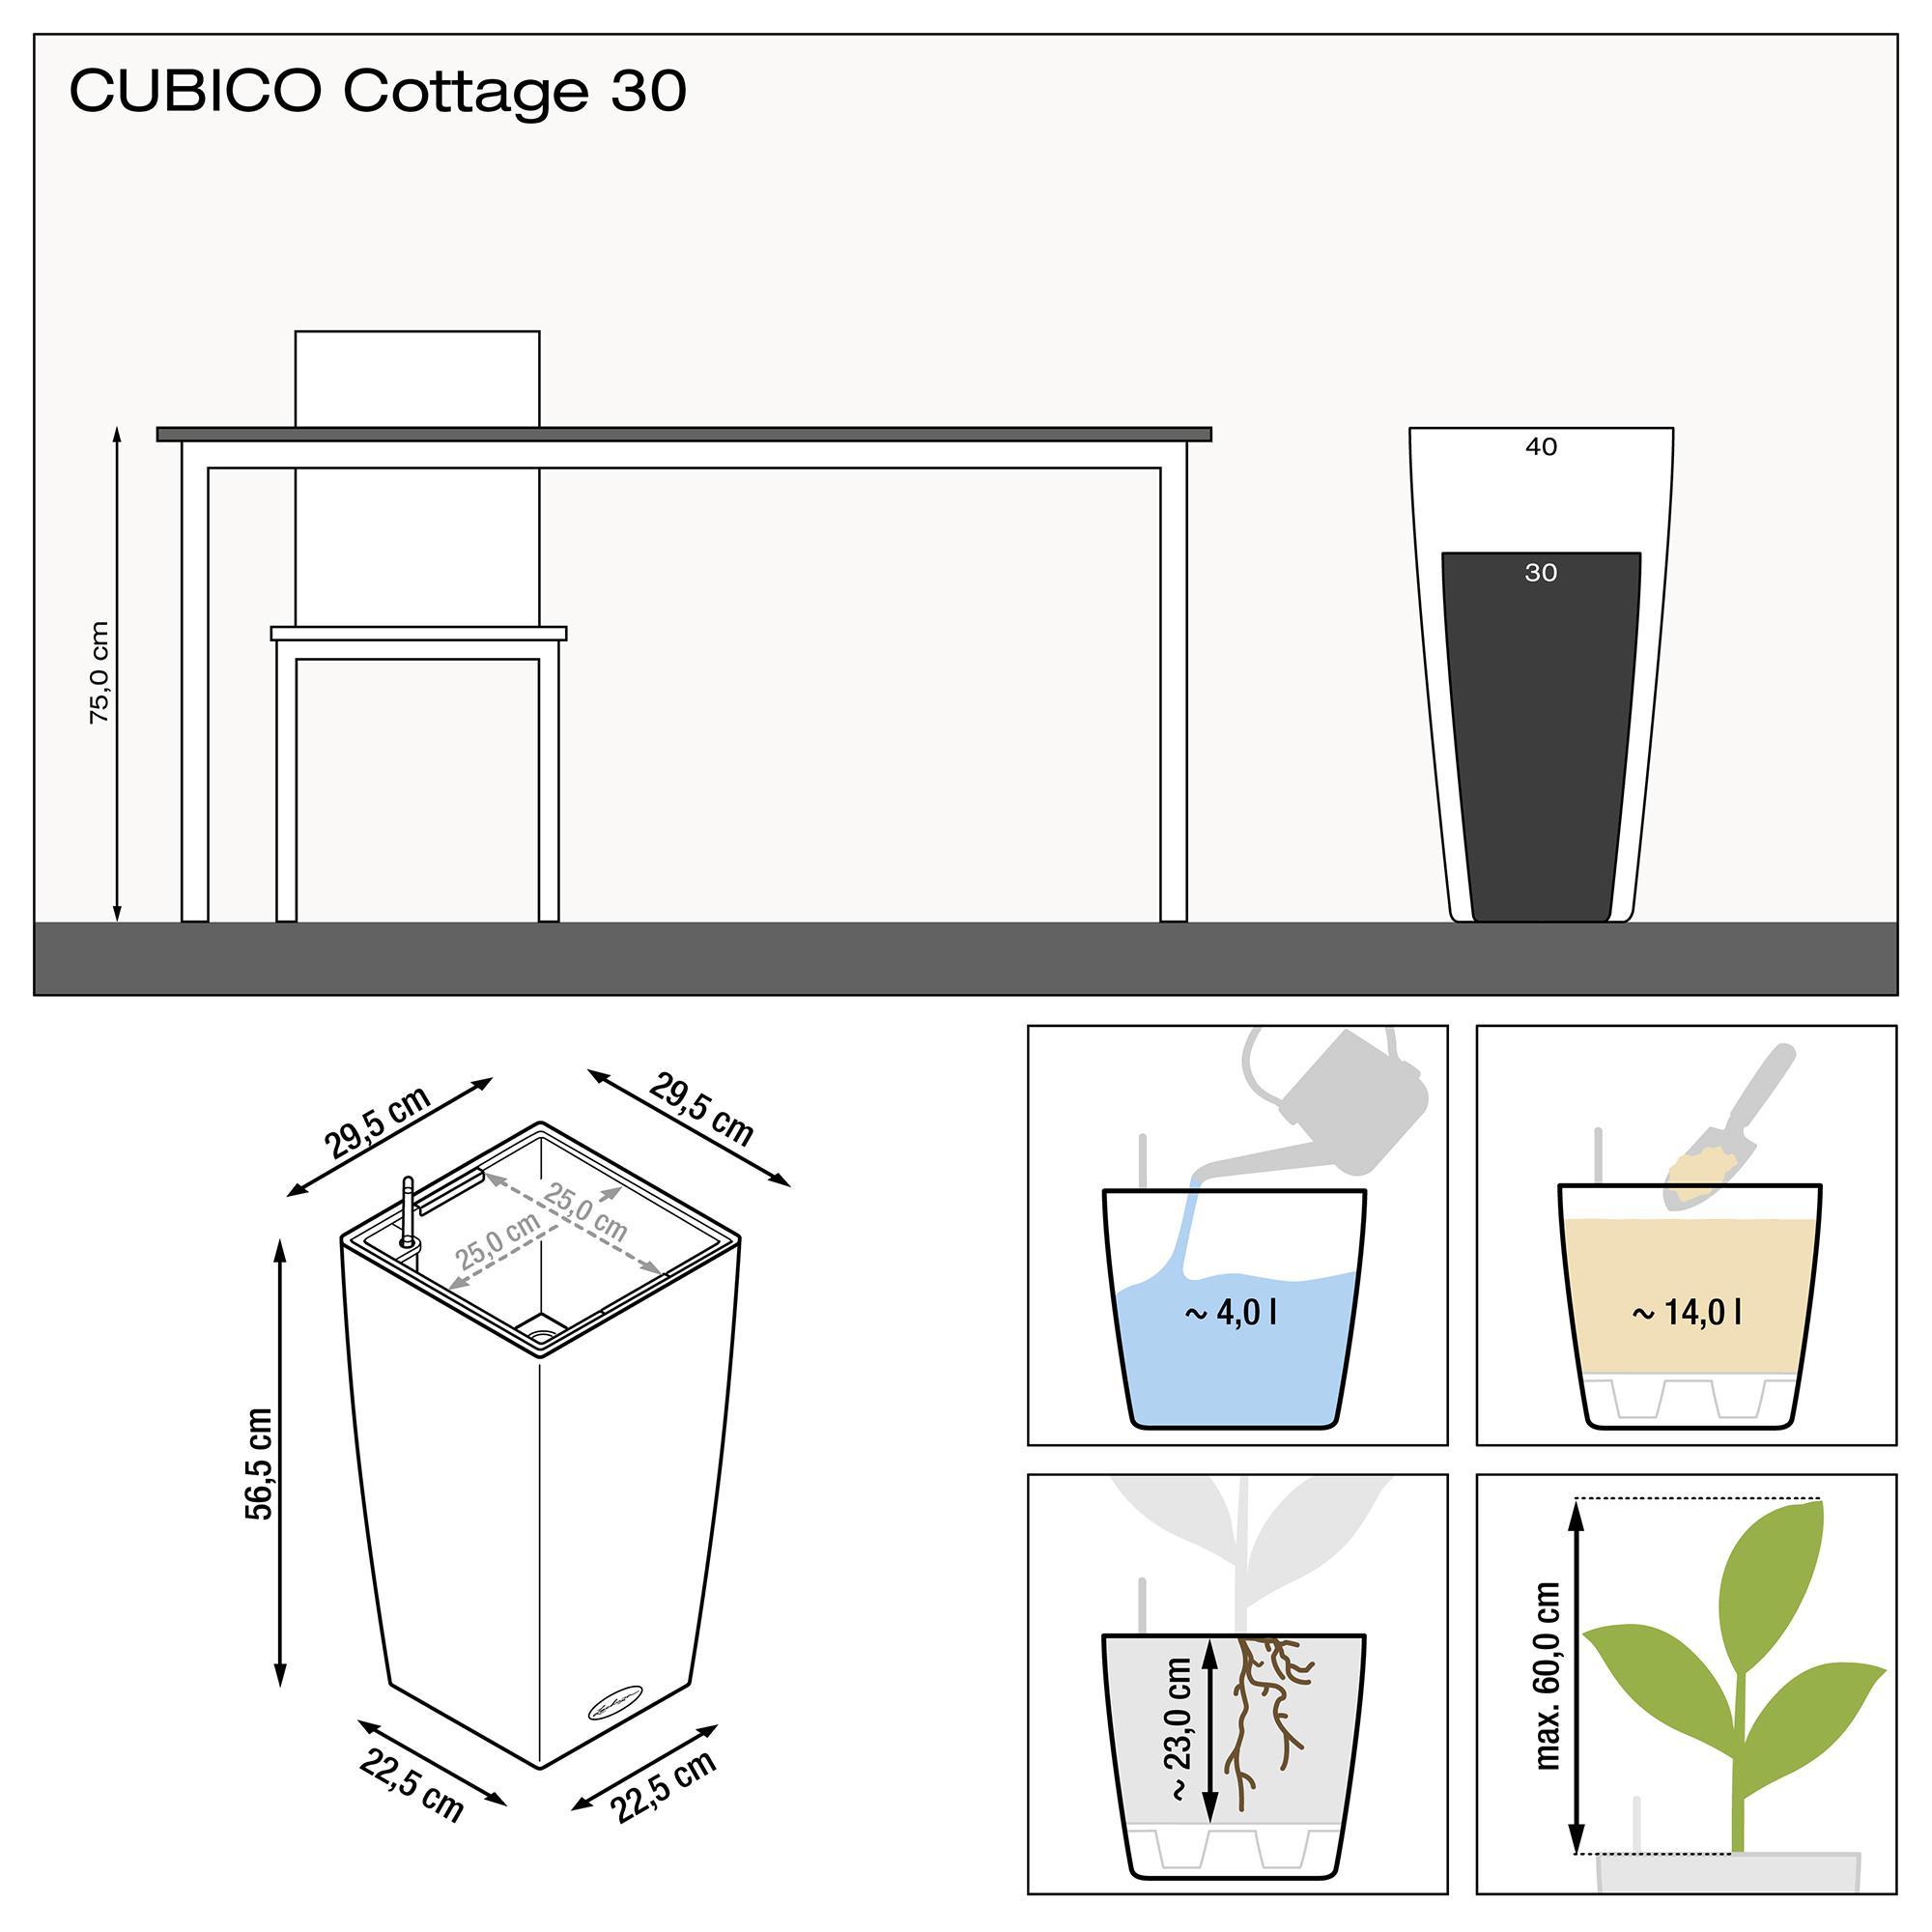 le_cubico-cottage30_product_addi_nz